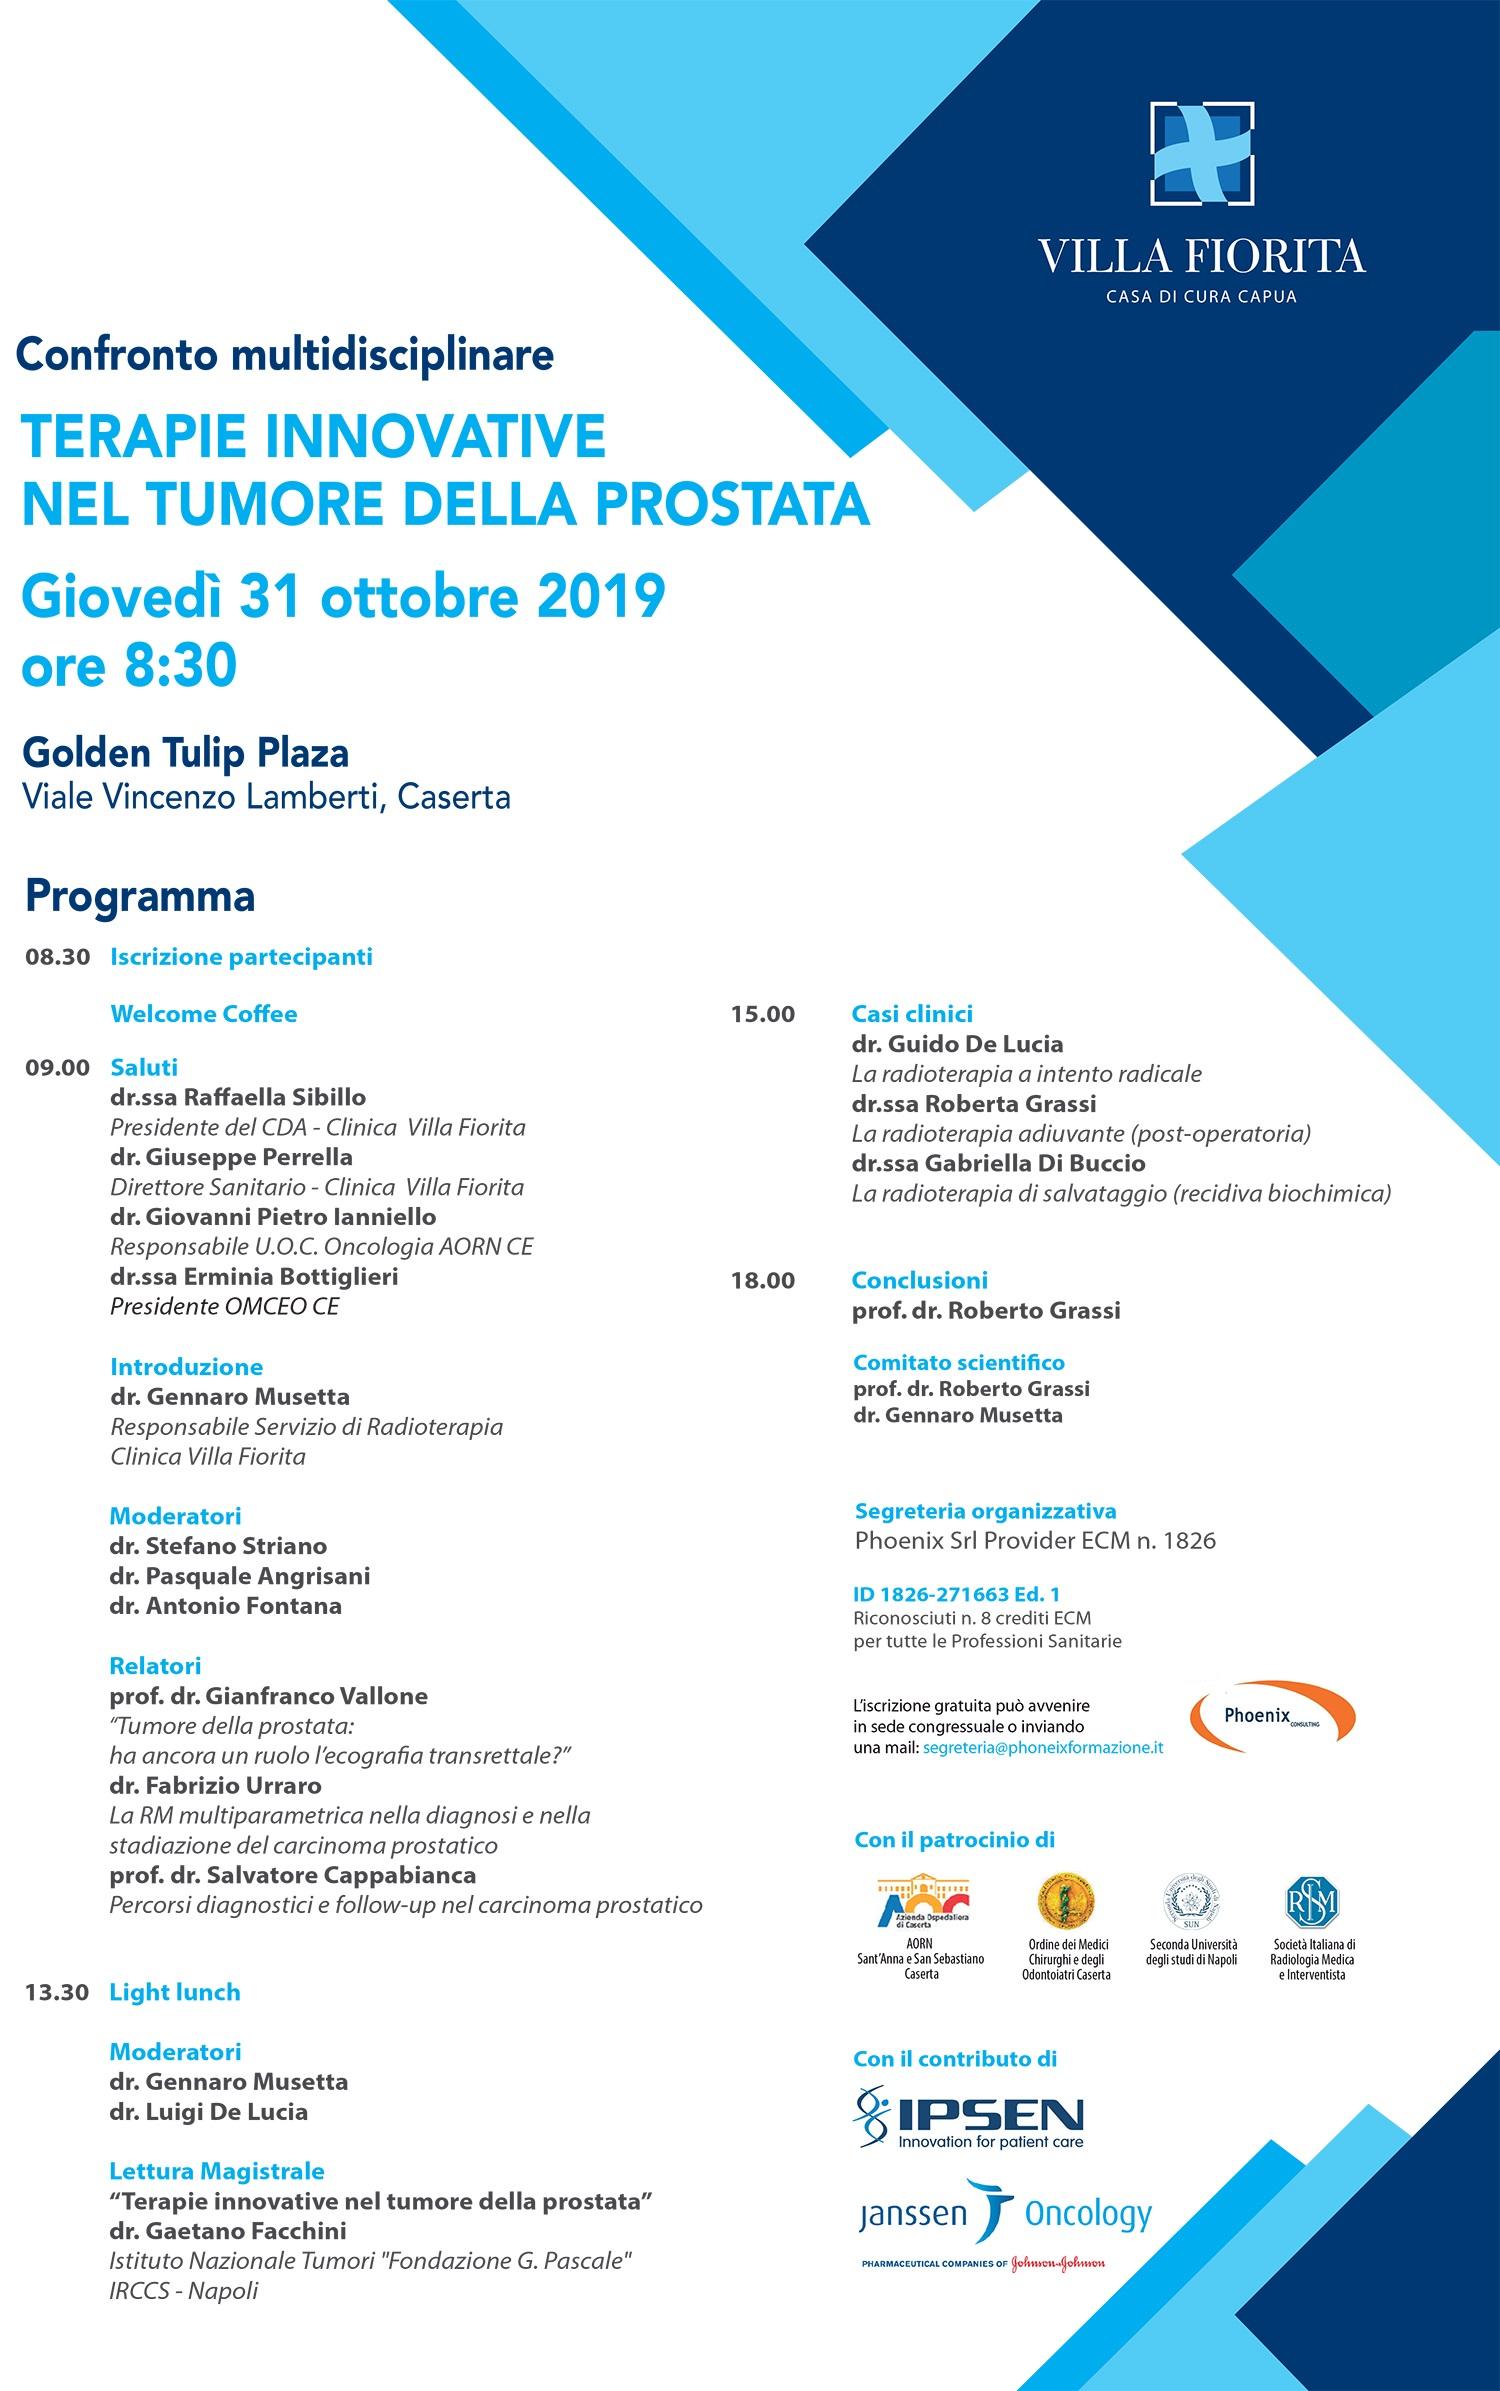 oncologo+per+tumore+alla+prostata+a+caserta+restaurant